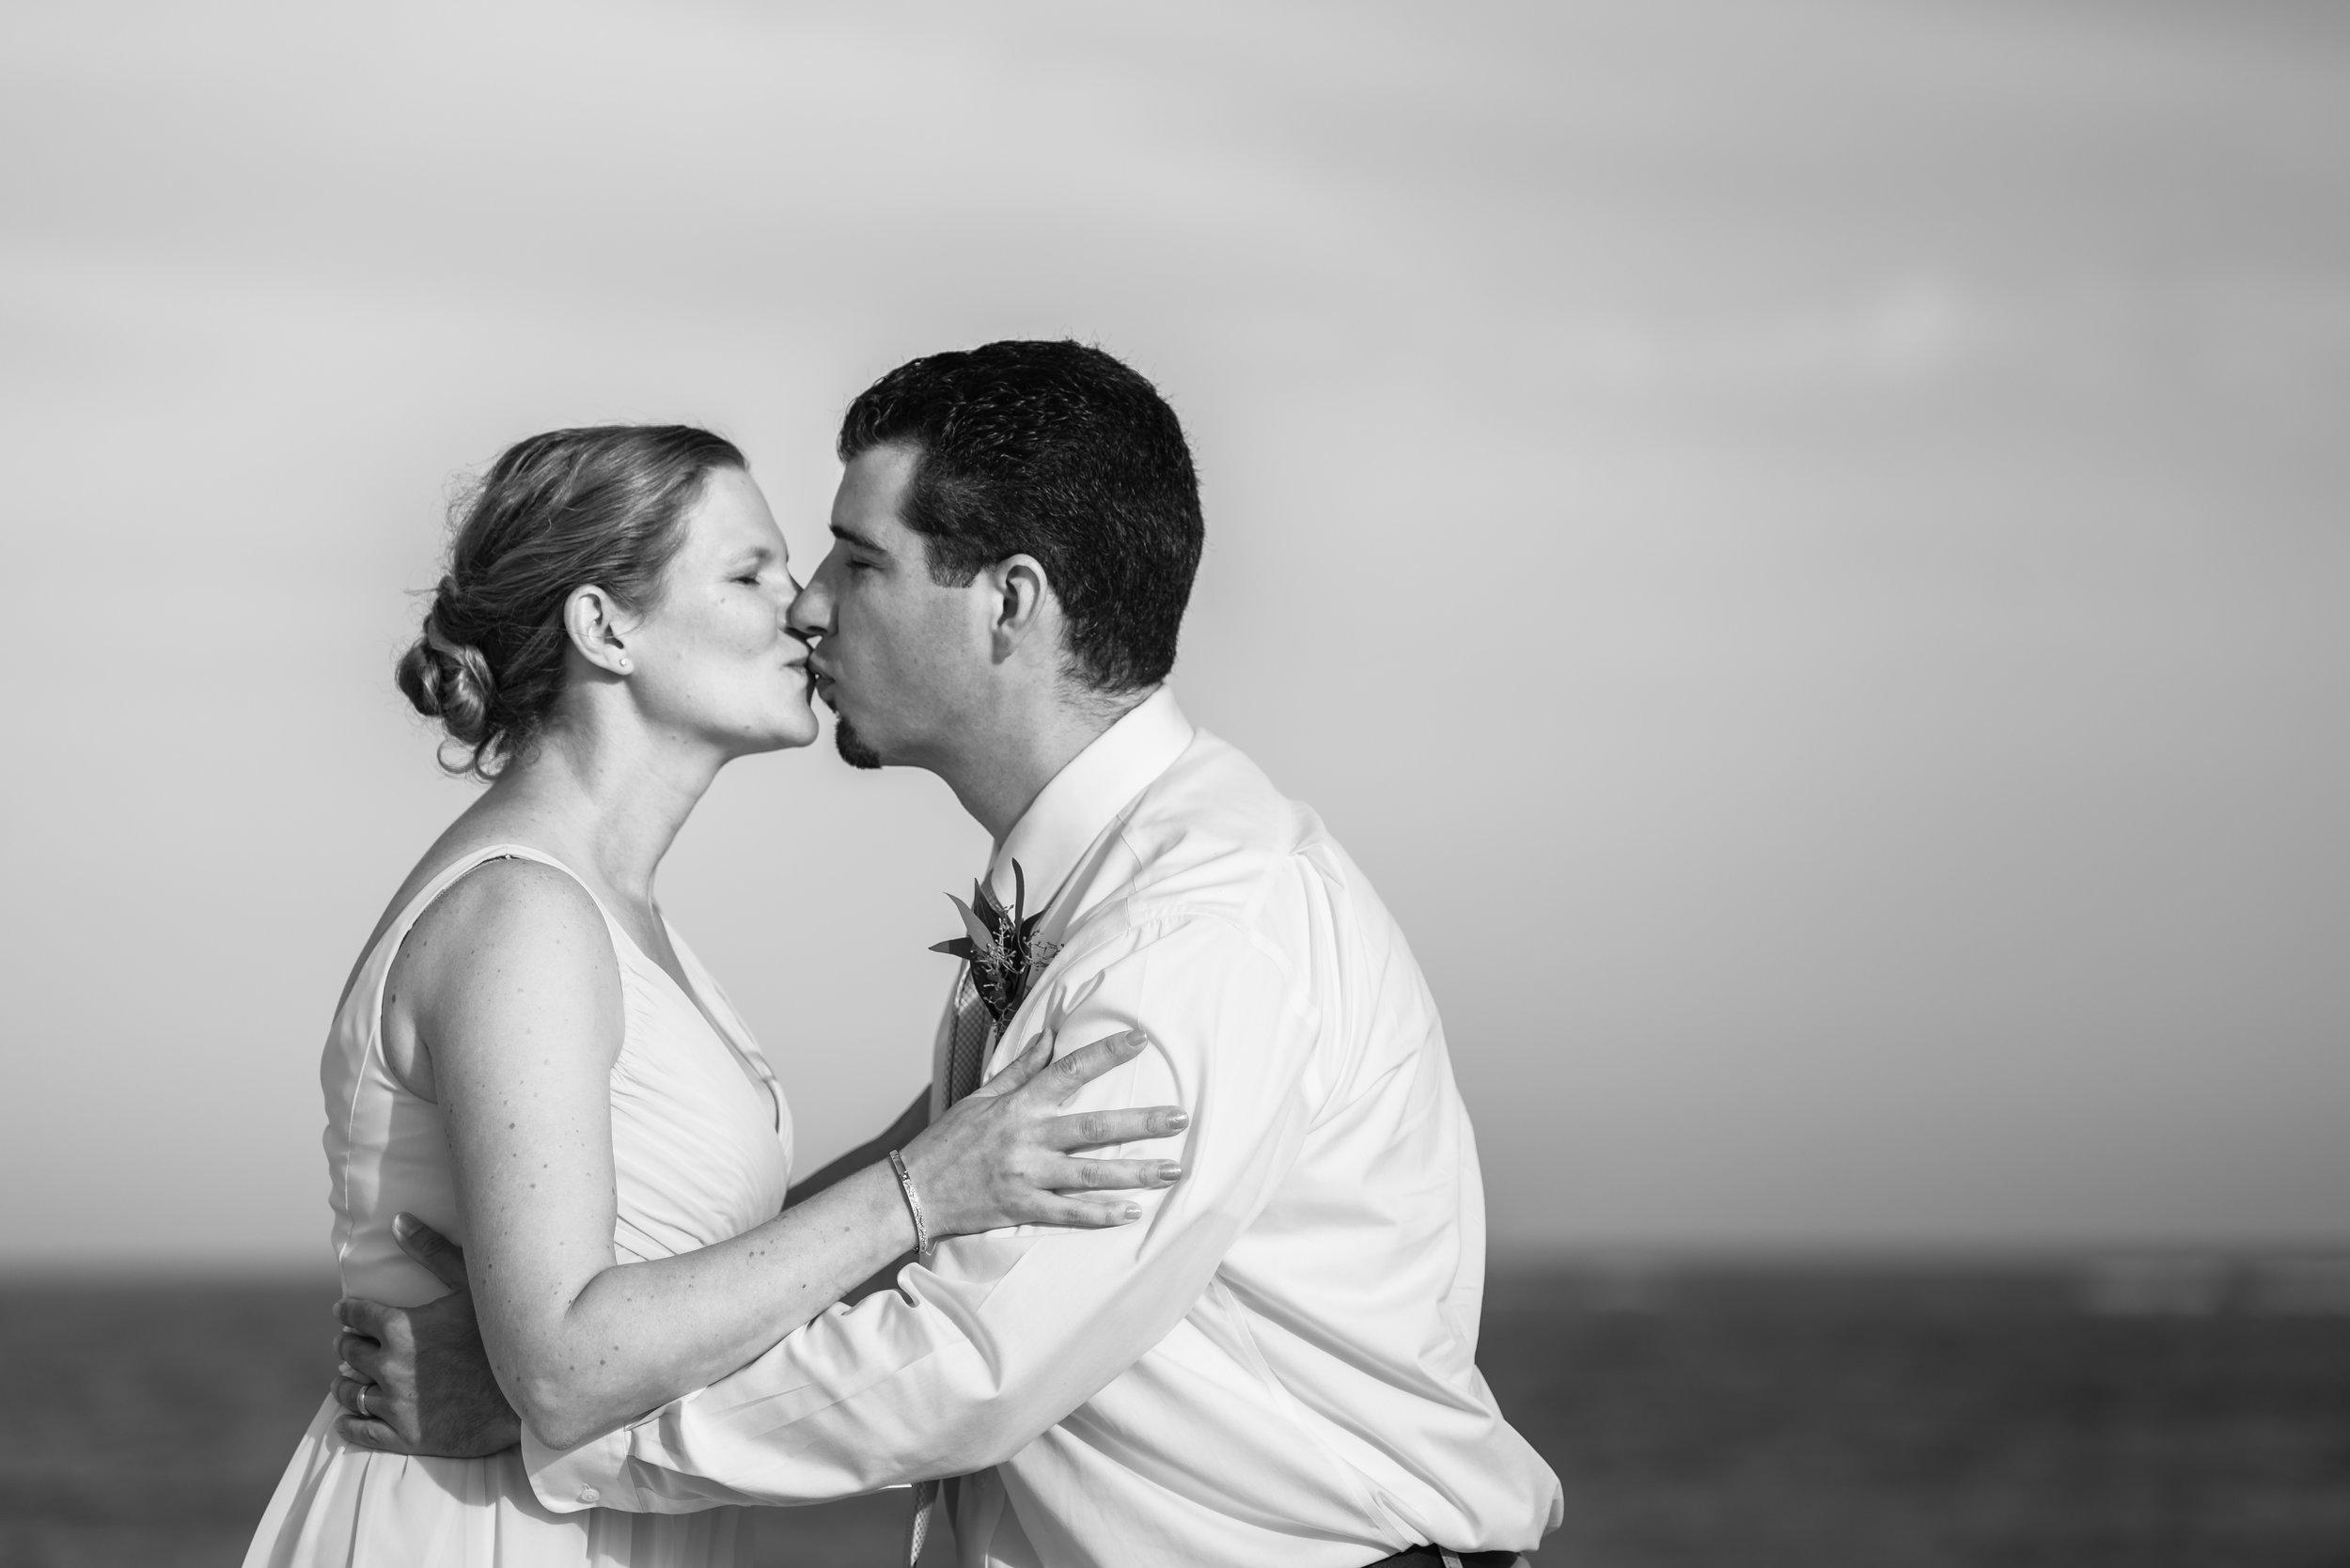 Long Beach Island Wedding Vow Photos Greg & Meagan 8